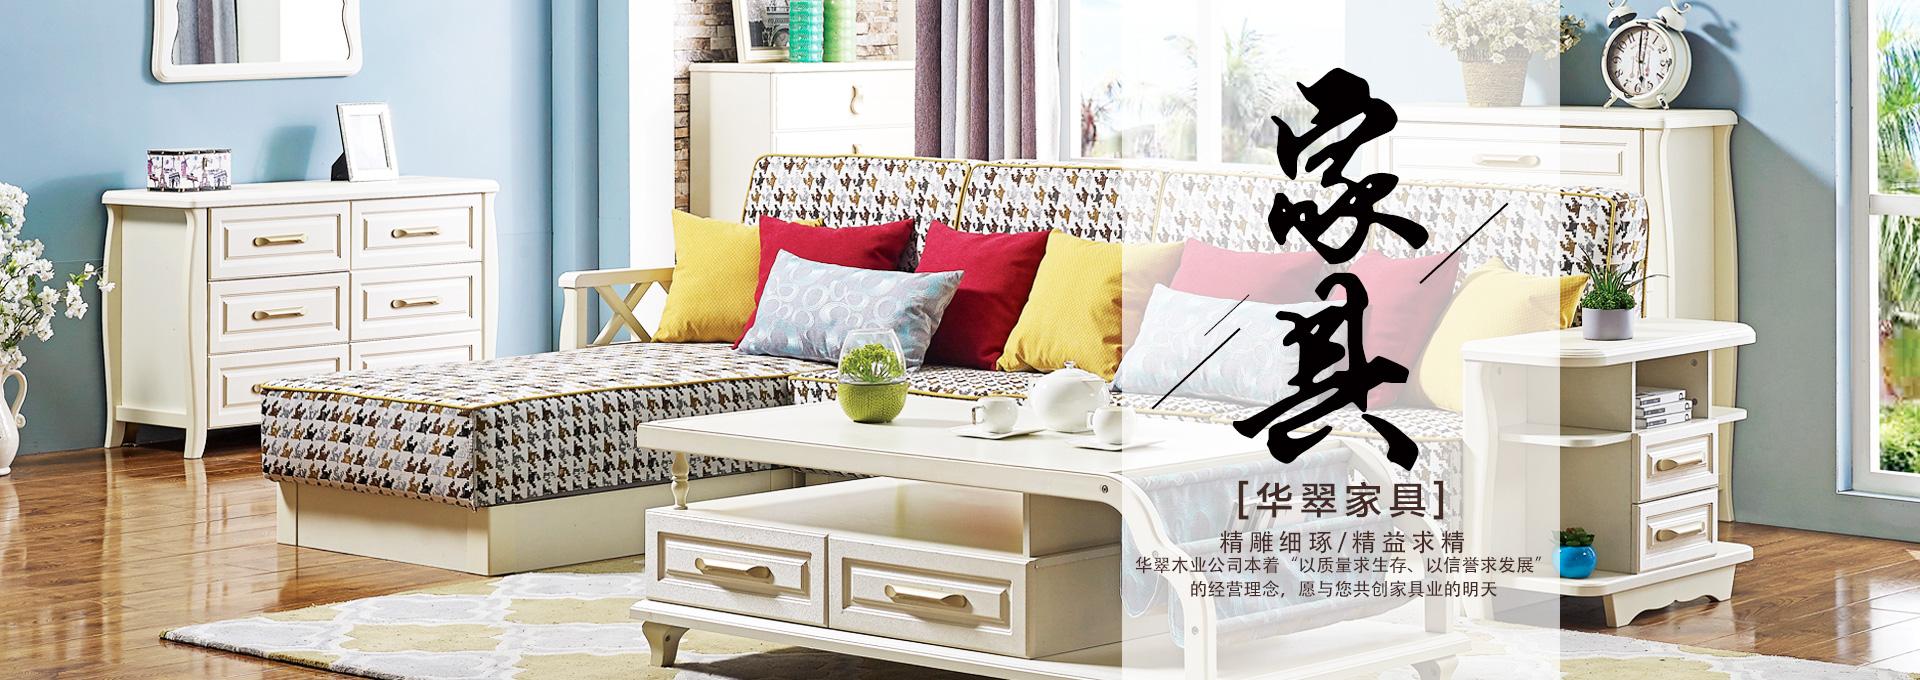 黑龙江板木家具